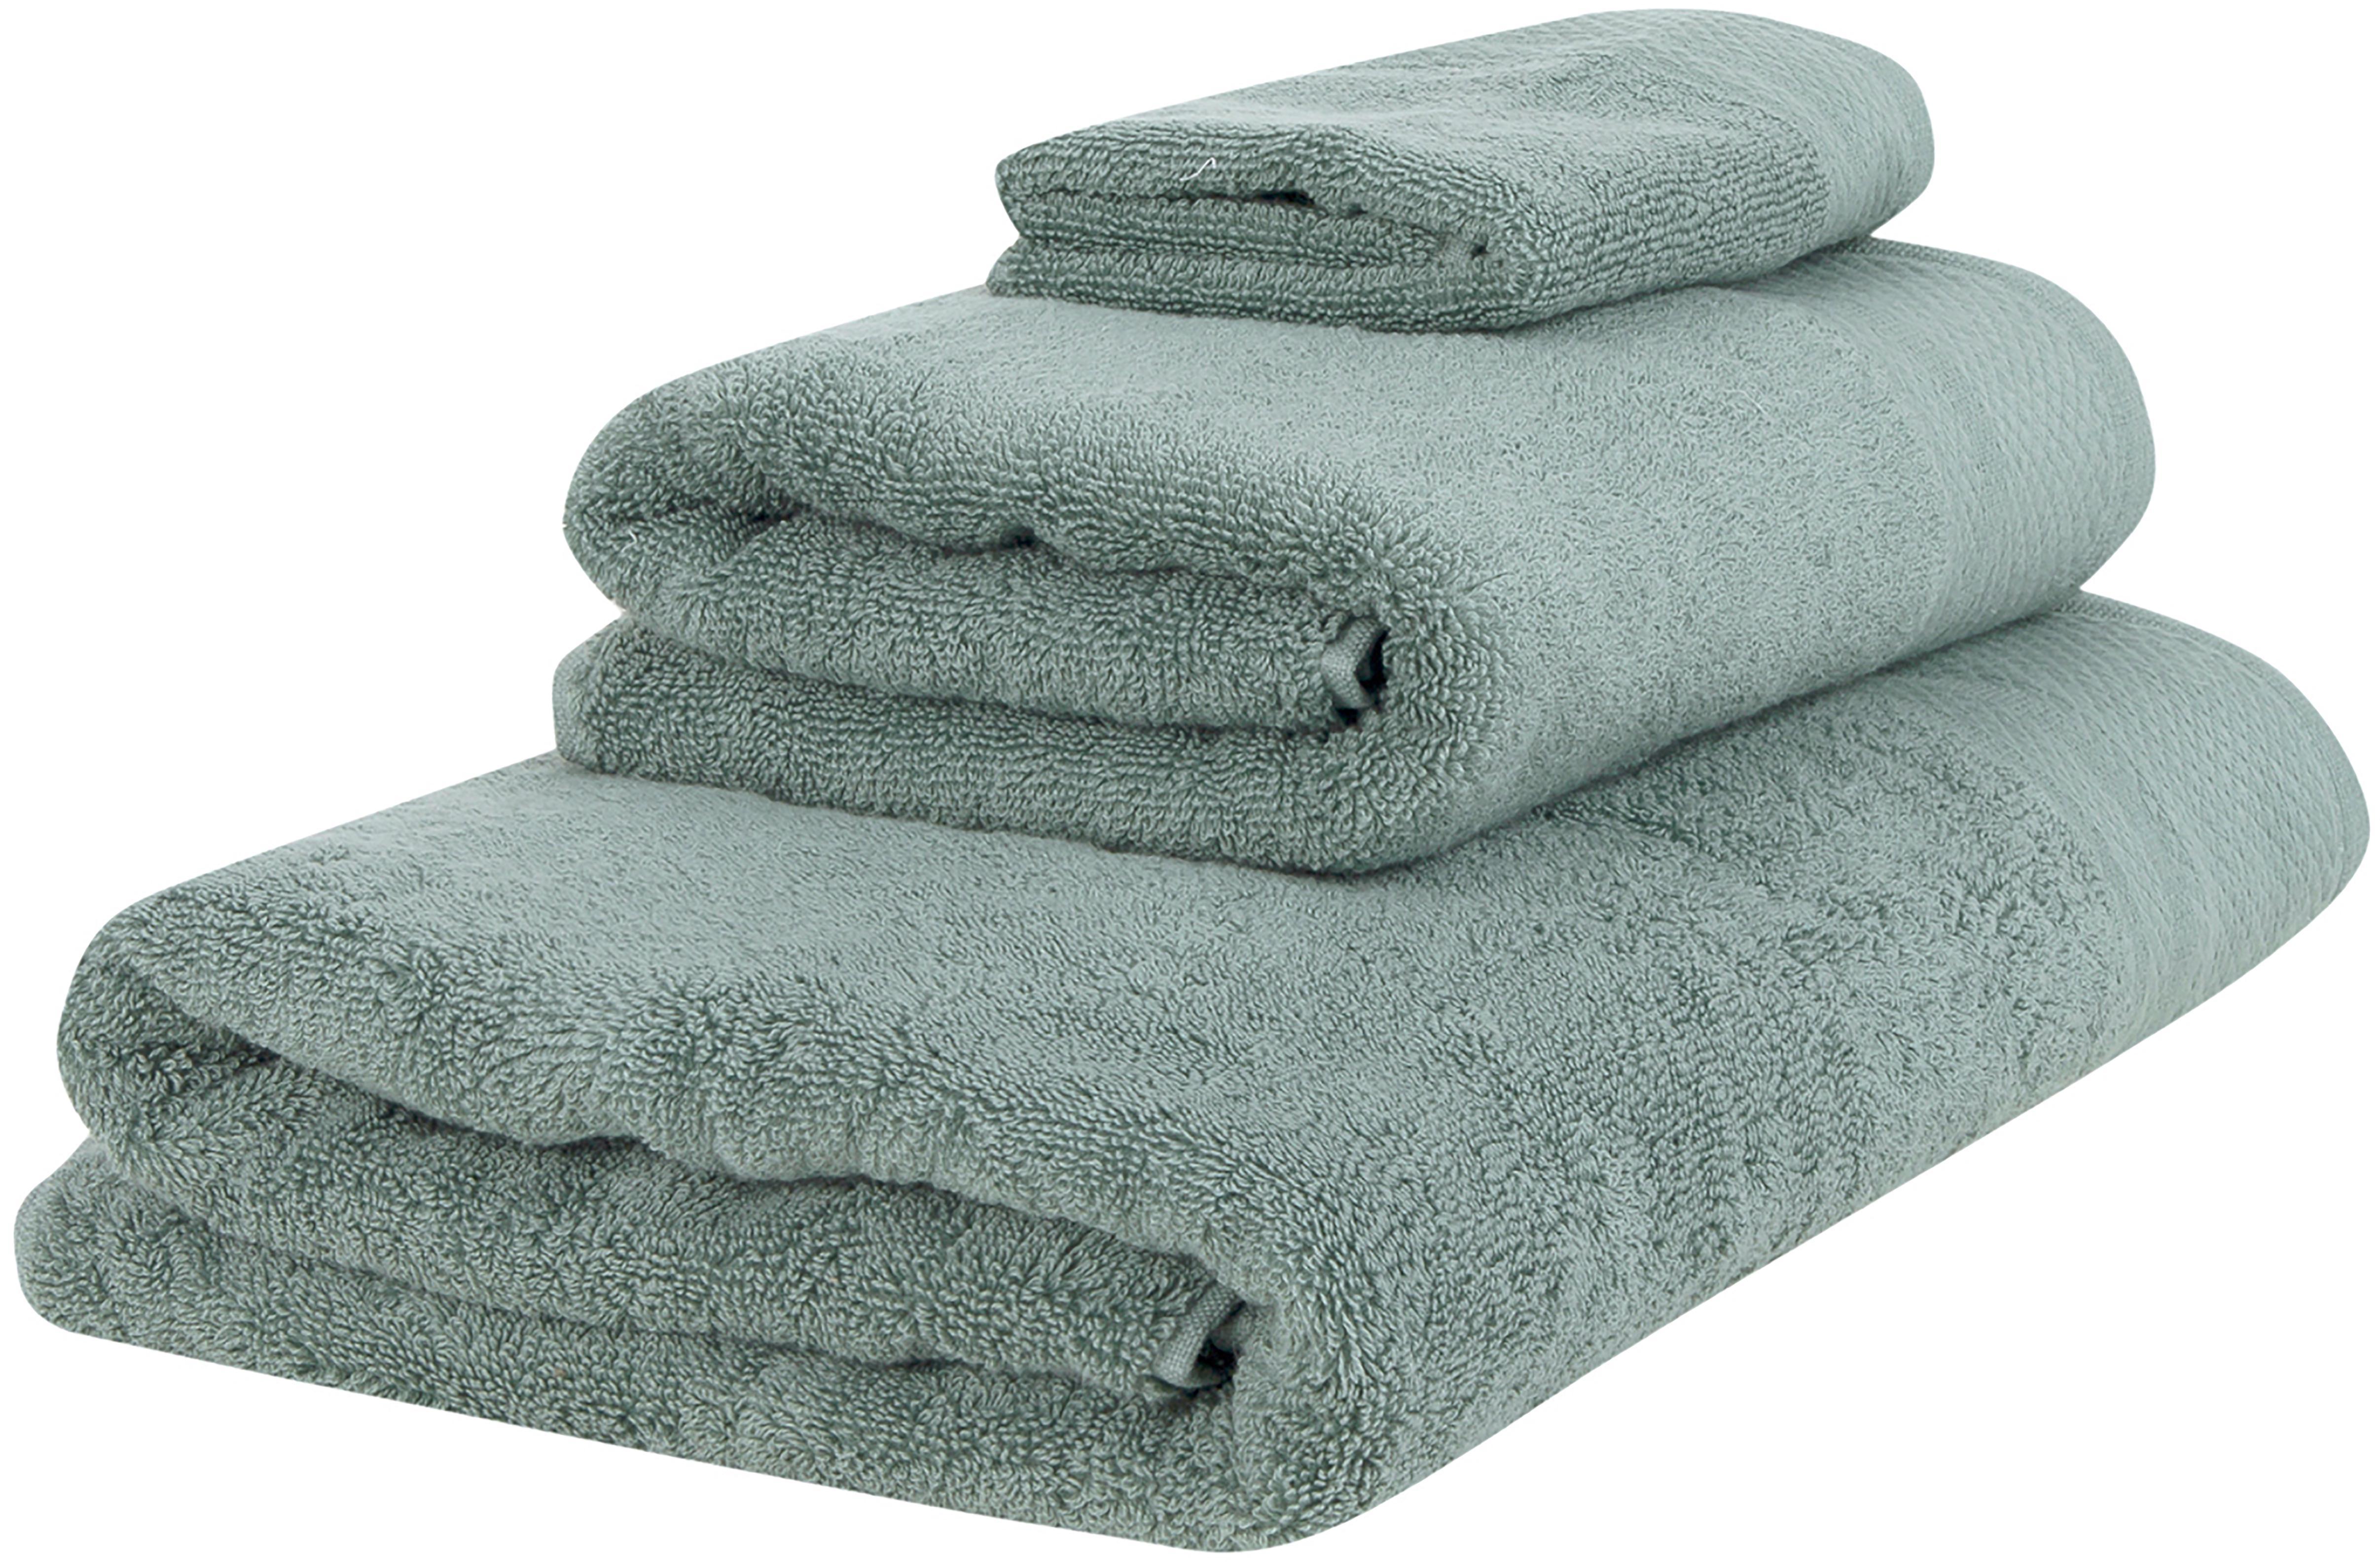 Komplet ręczników Premium, 3 elem., Szałwiowy zielony, Różne rozmiary